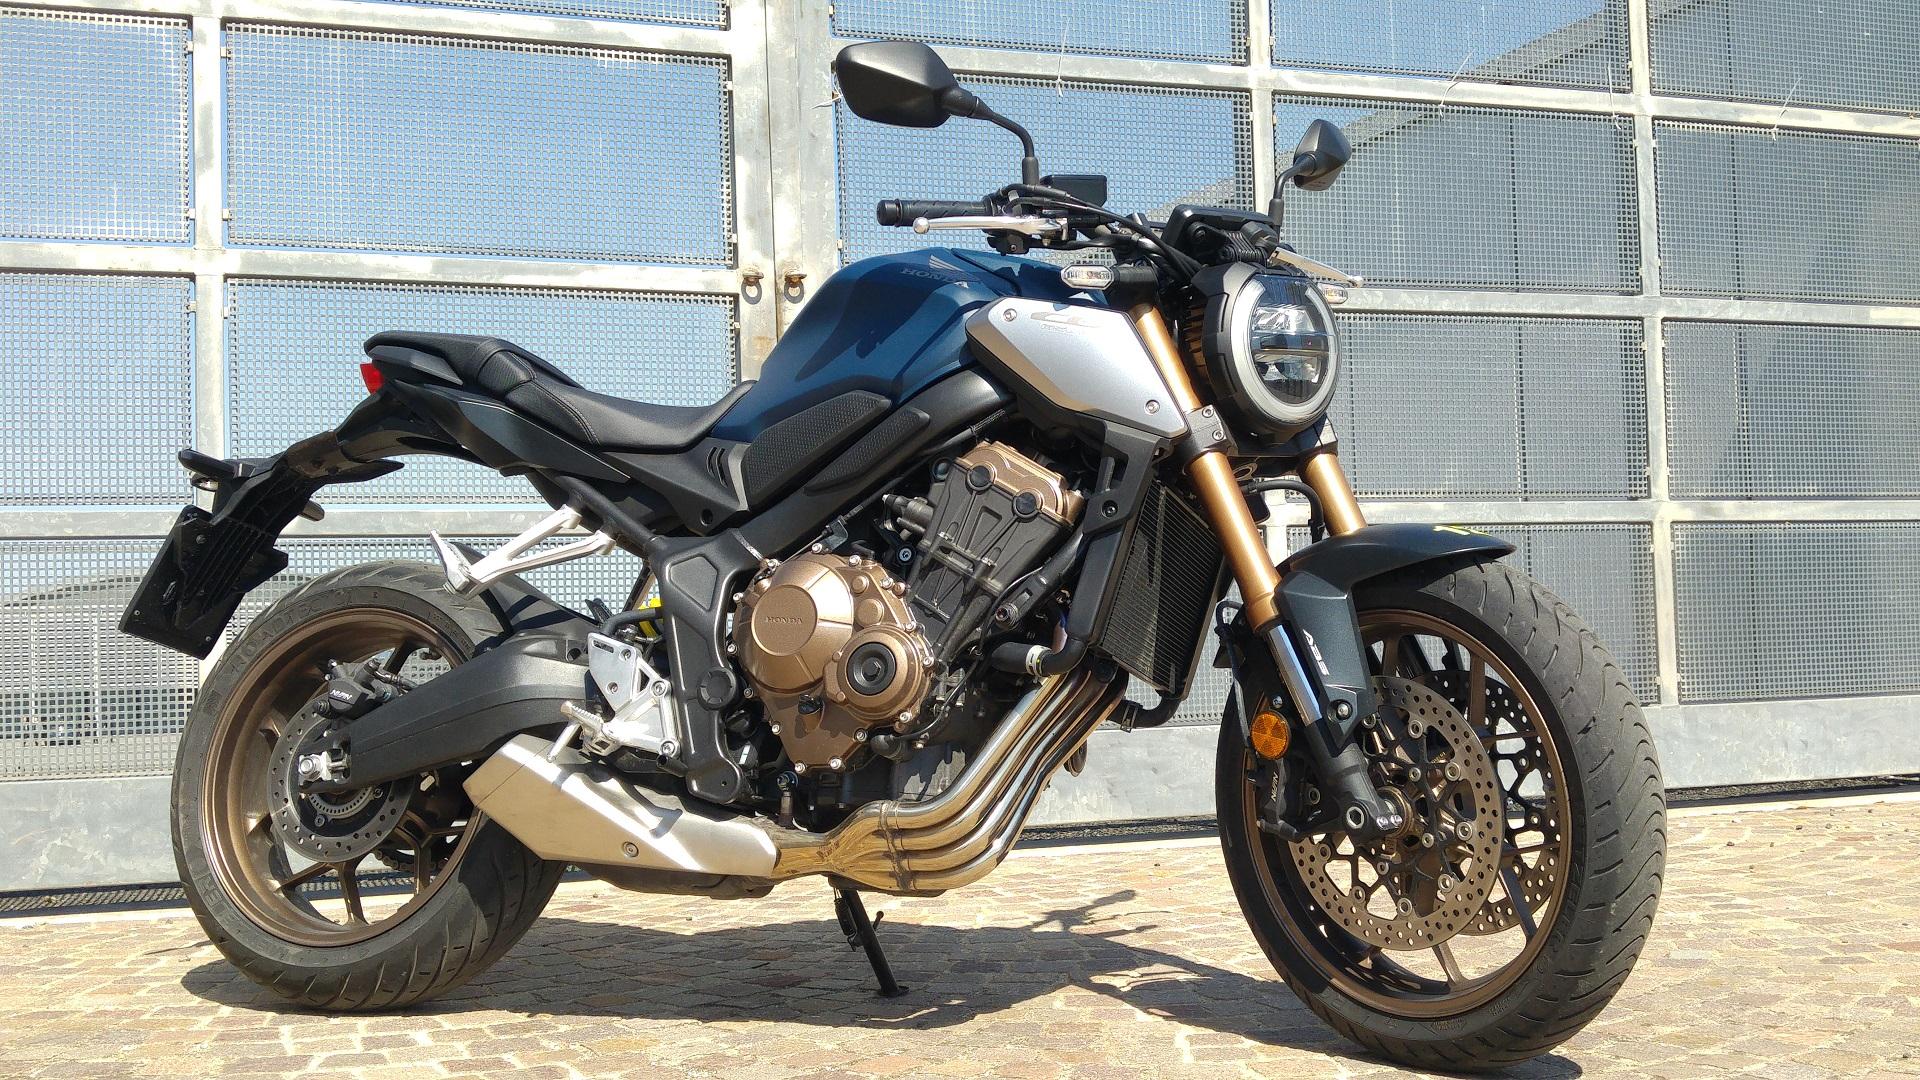 Honda CB650R thêm diện mạo mới, cá tính hơn - CafeAuto.Vn